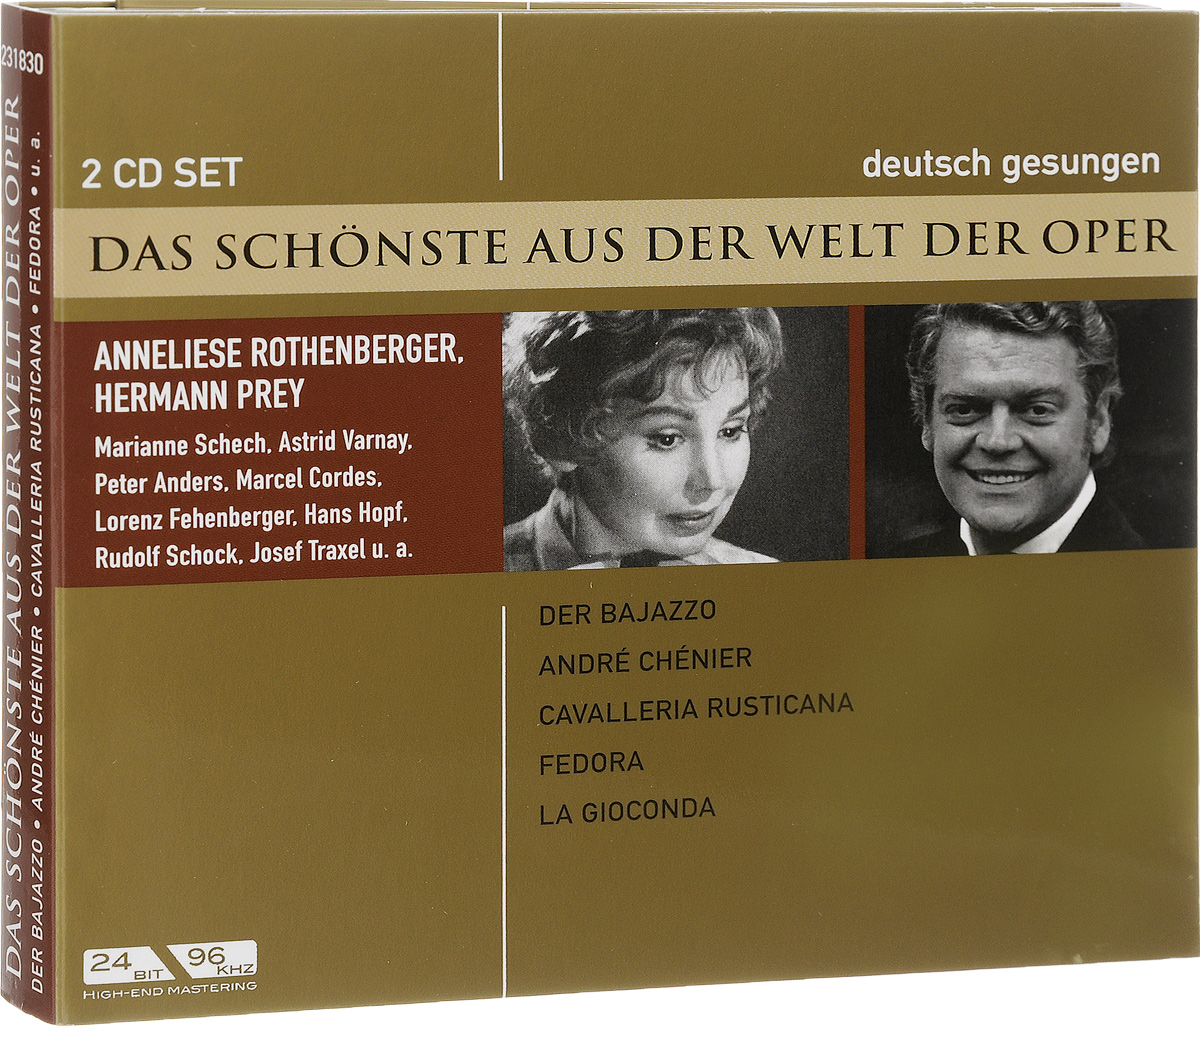 Аннелизе Ротенбергер,Херманн Прей Das Schonste Aus Der Welt Der Oper. Rothenberger / Prey. Der Bajazzo / Cavalleria Rustica (2 CD) john strelecky das cafe am rande der welt